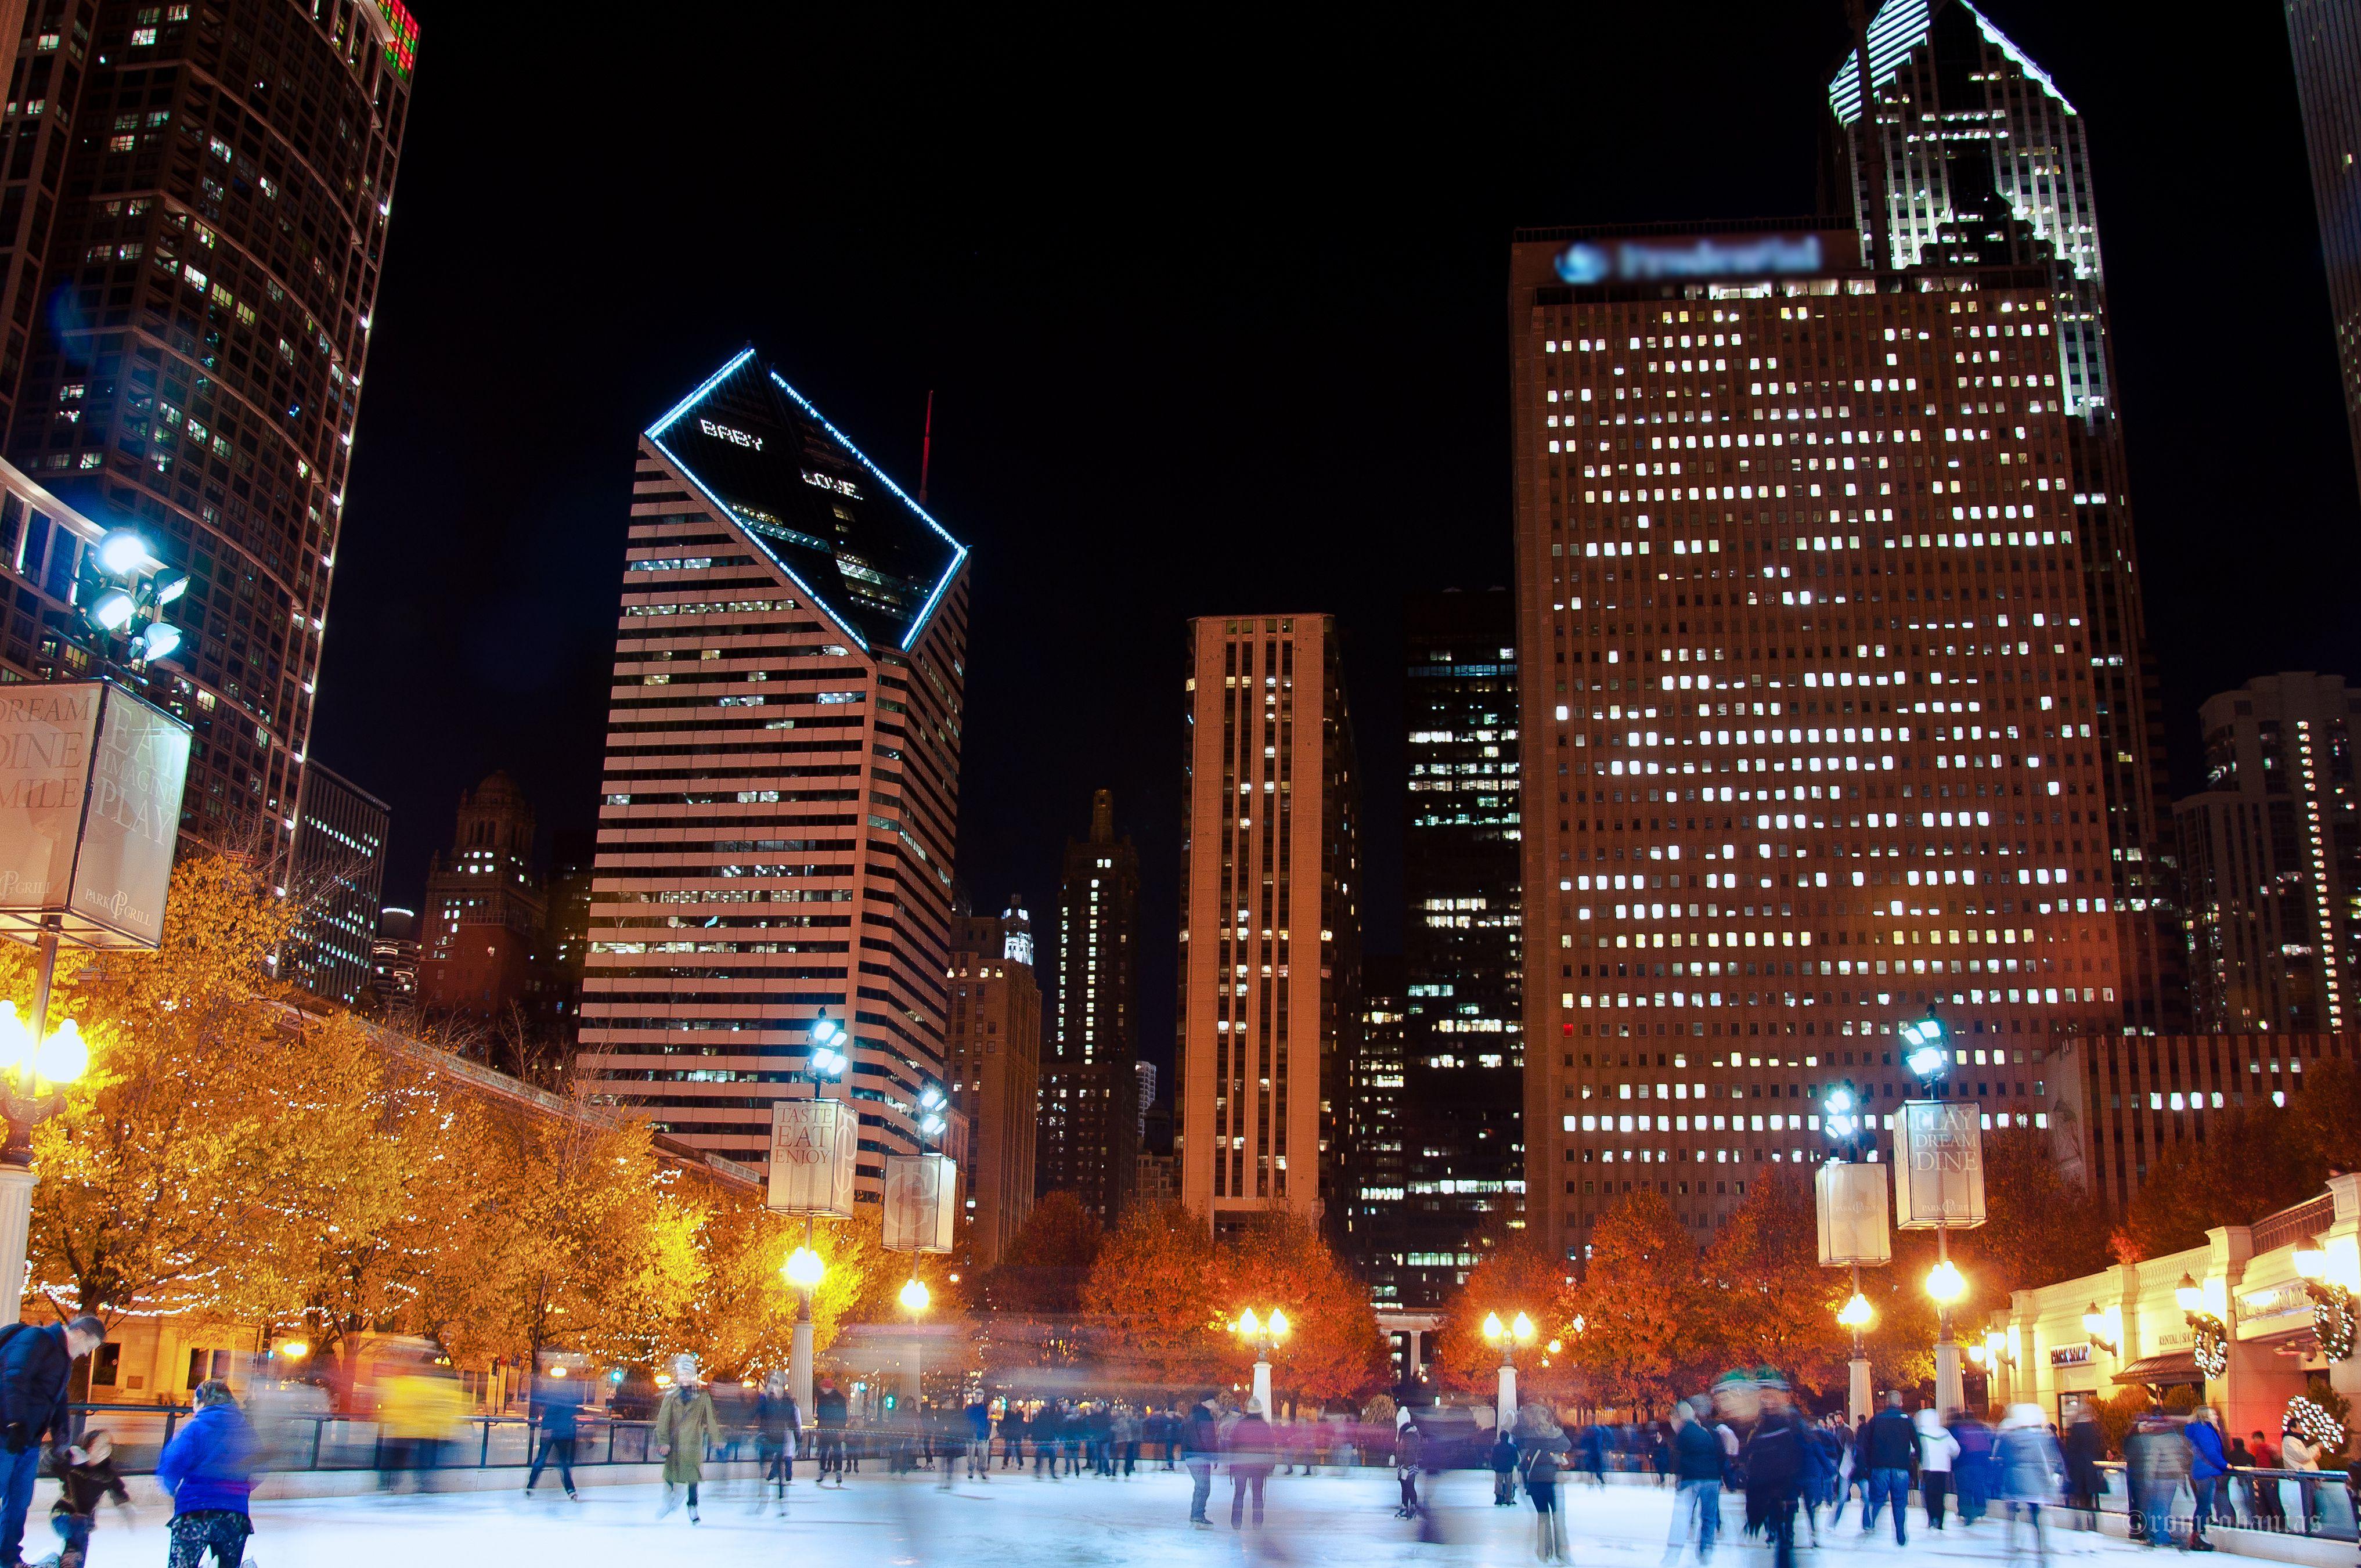 Skating Rink at night